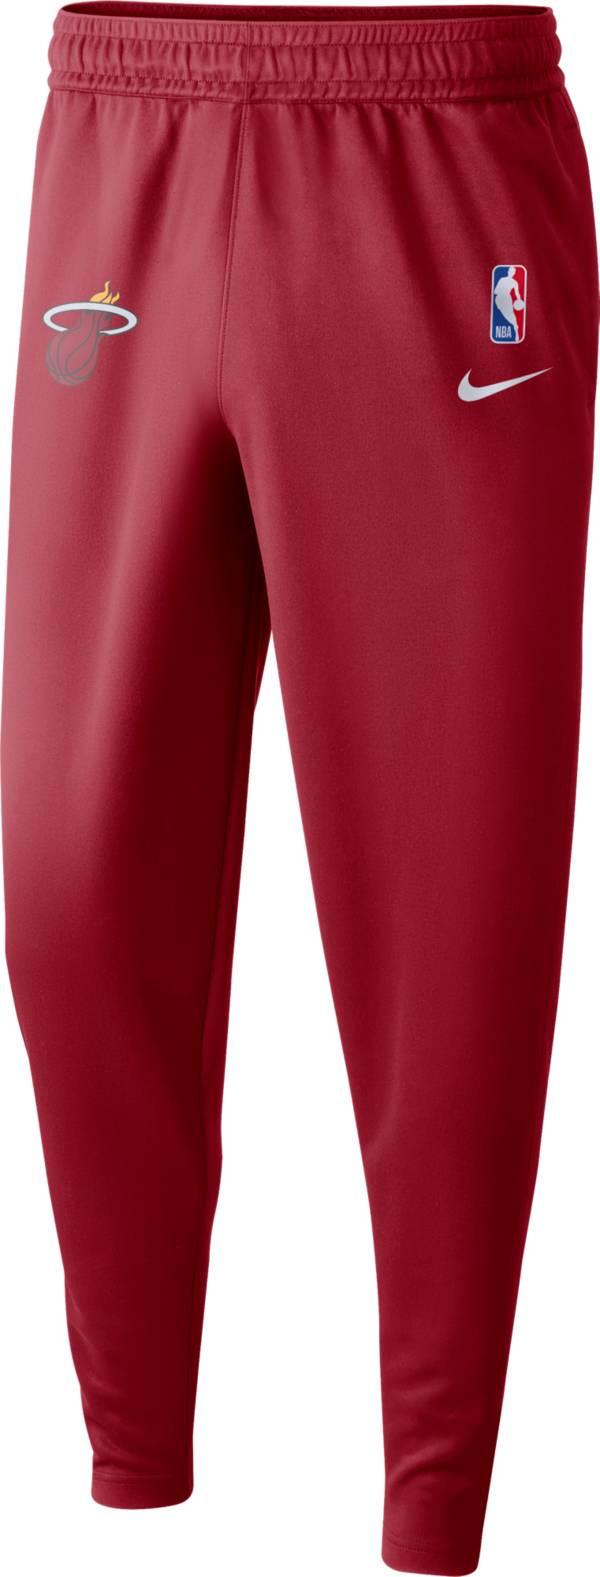 Nike Men's Miami Heat Dri-FIT Spotlight Pants product image